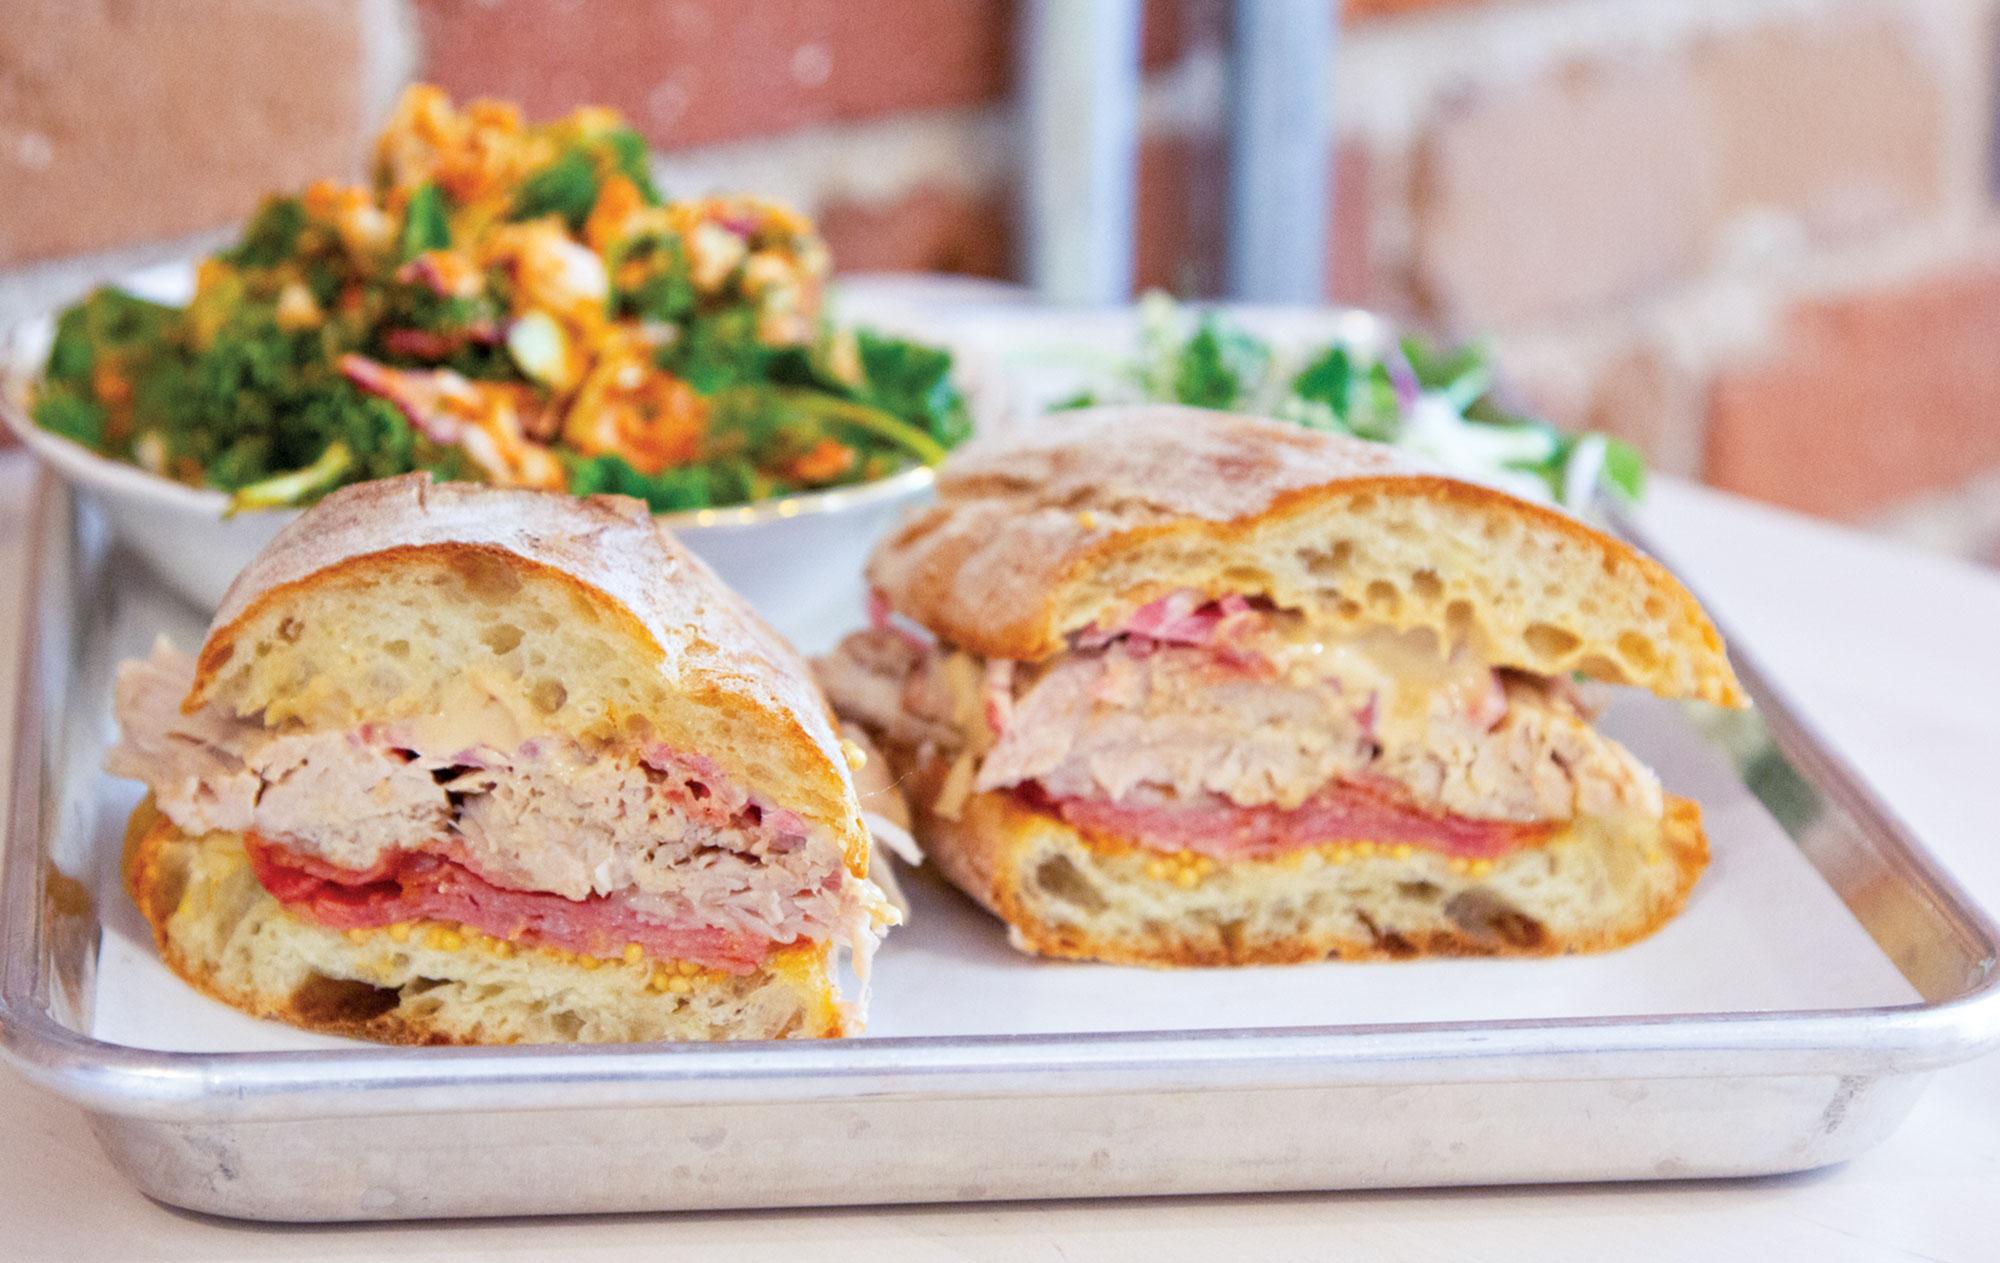 Country Devil sandwich at Tasso; Photo by Leah Lemoine